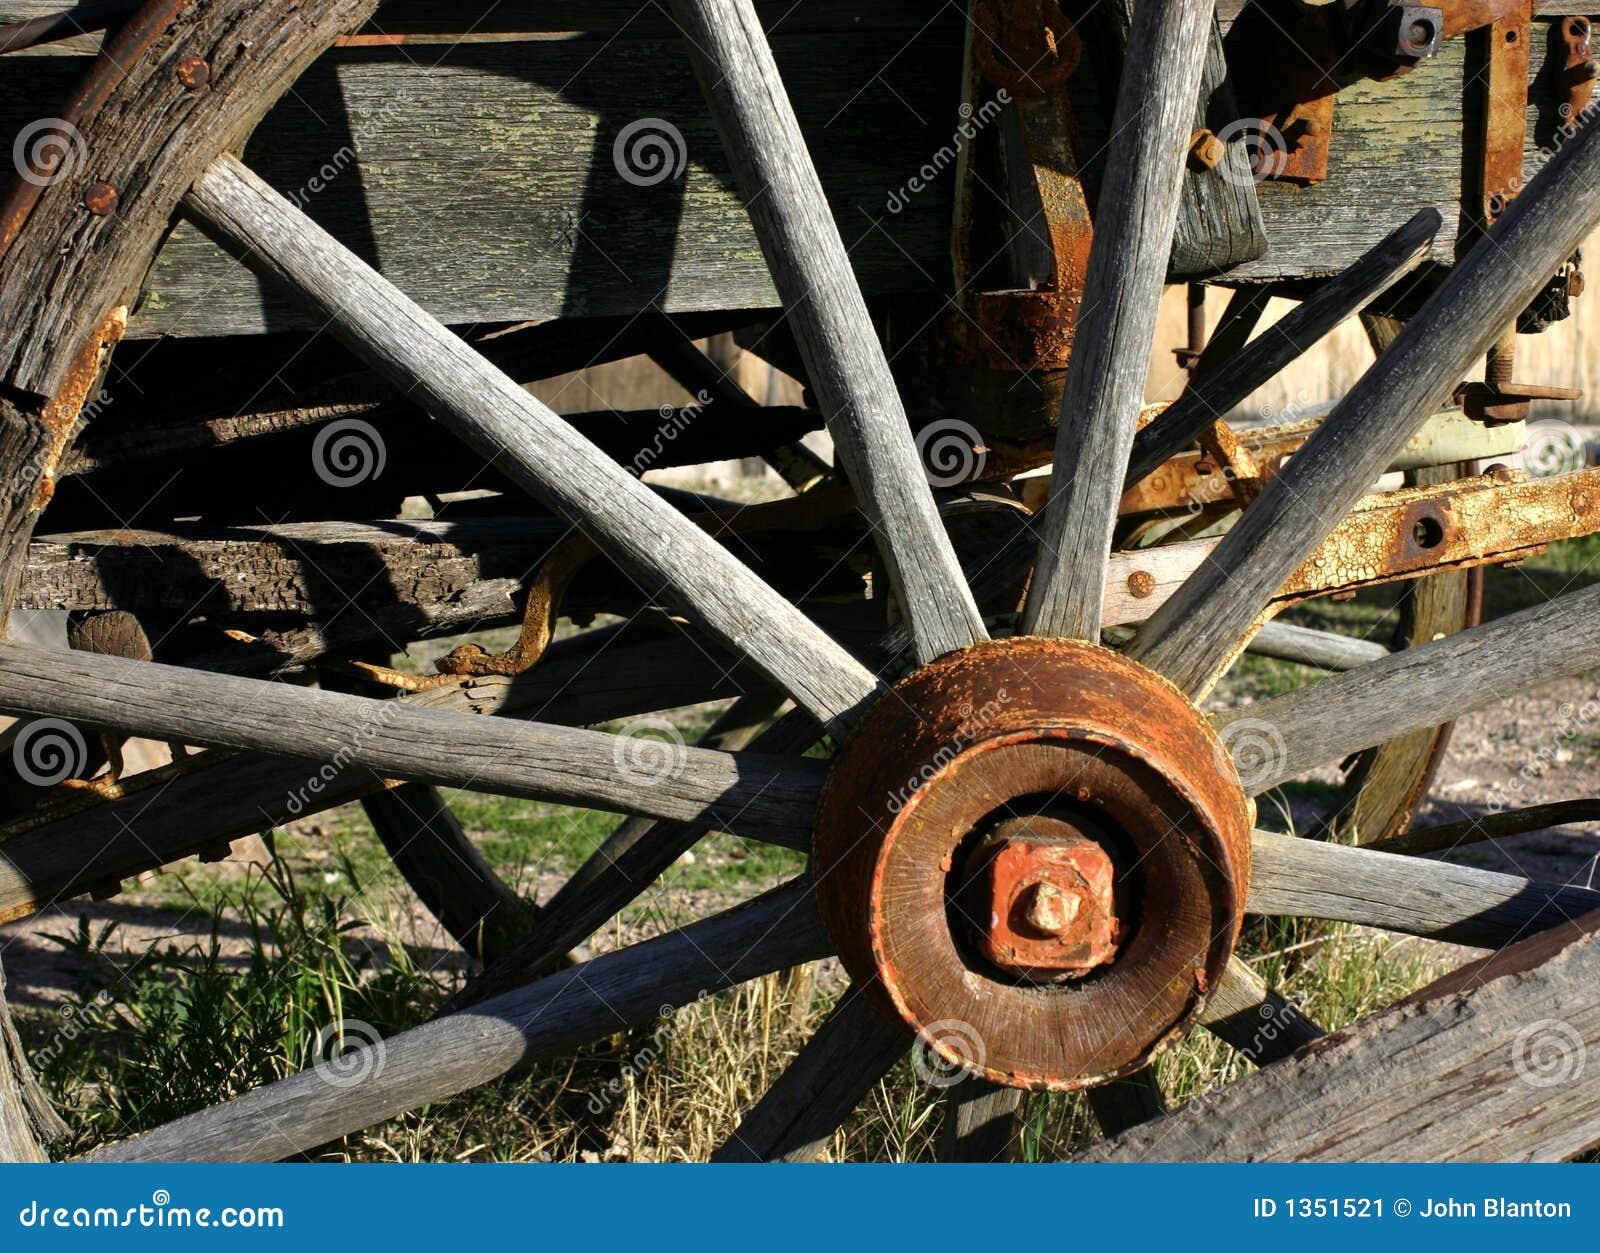 vieille roue de chariot image stock image du rais. Black Bedroom Furniture Sets. Home Design Ideas